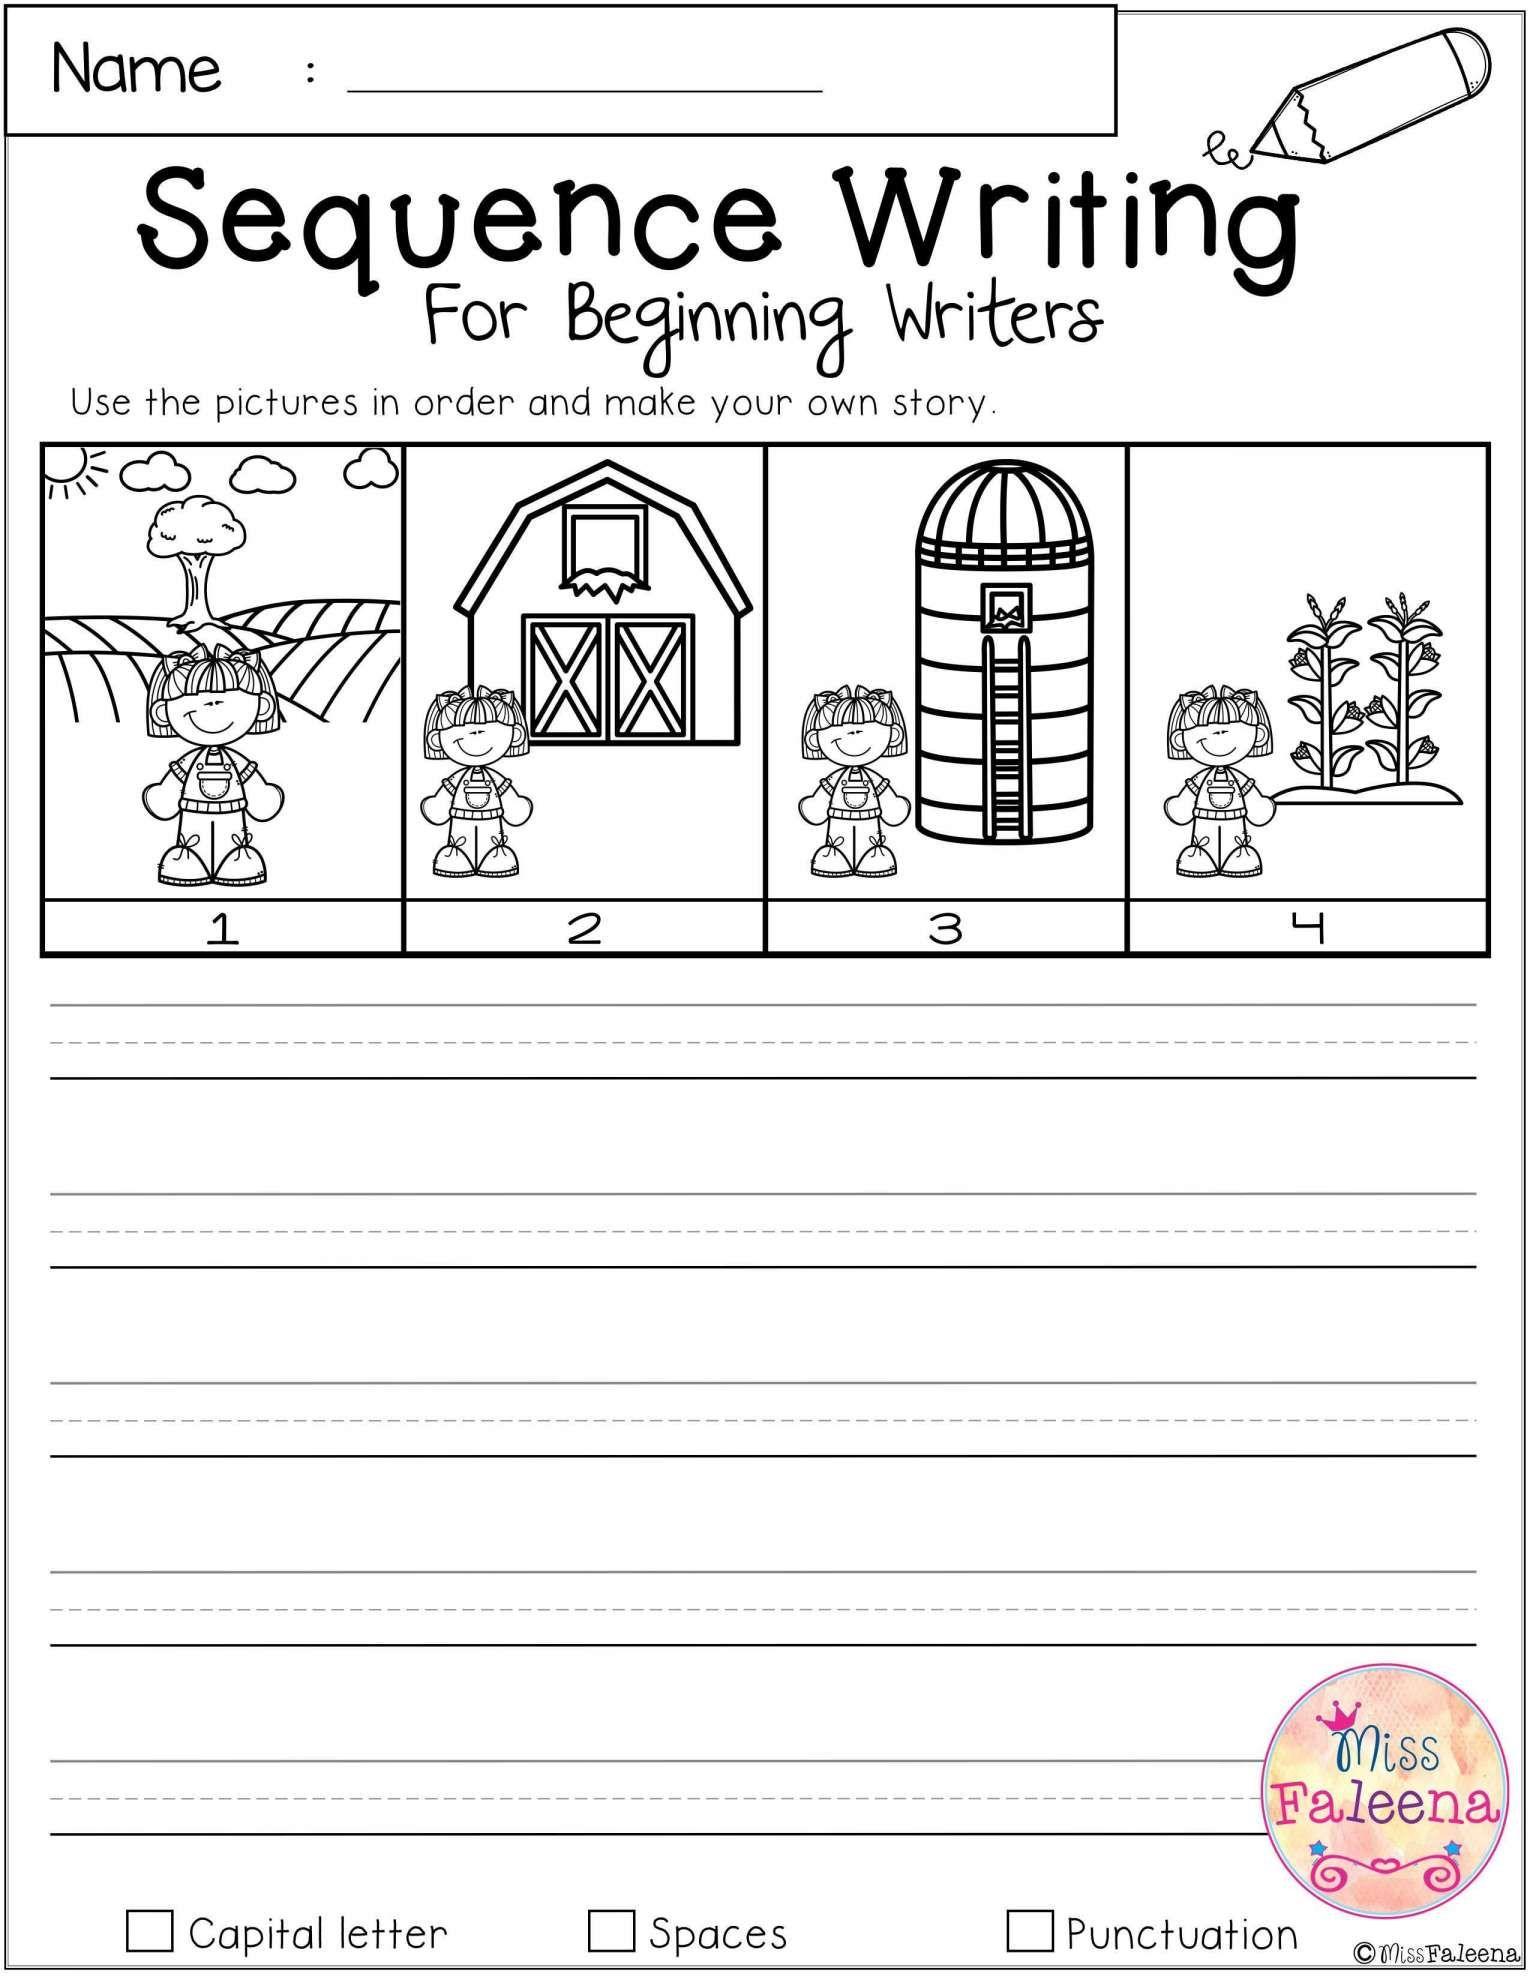 17 Writing Worksheet For Kindergarten Story In 2020 Sequence Writing Kindergarten Writing Sequencing Worksheets